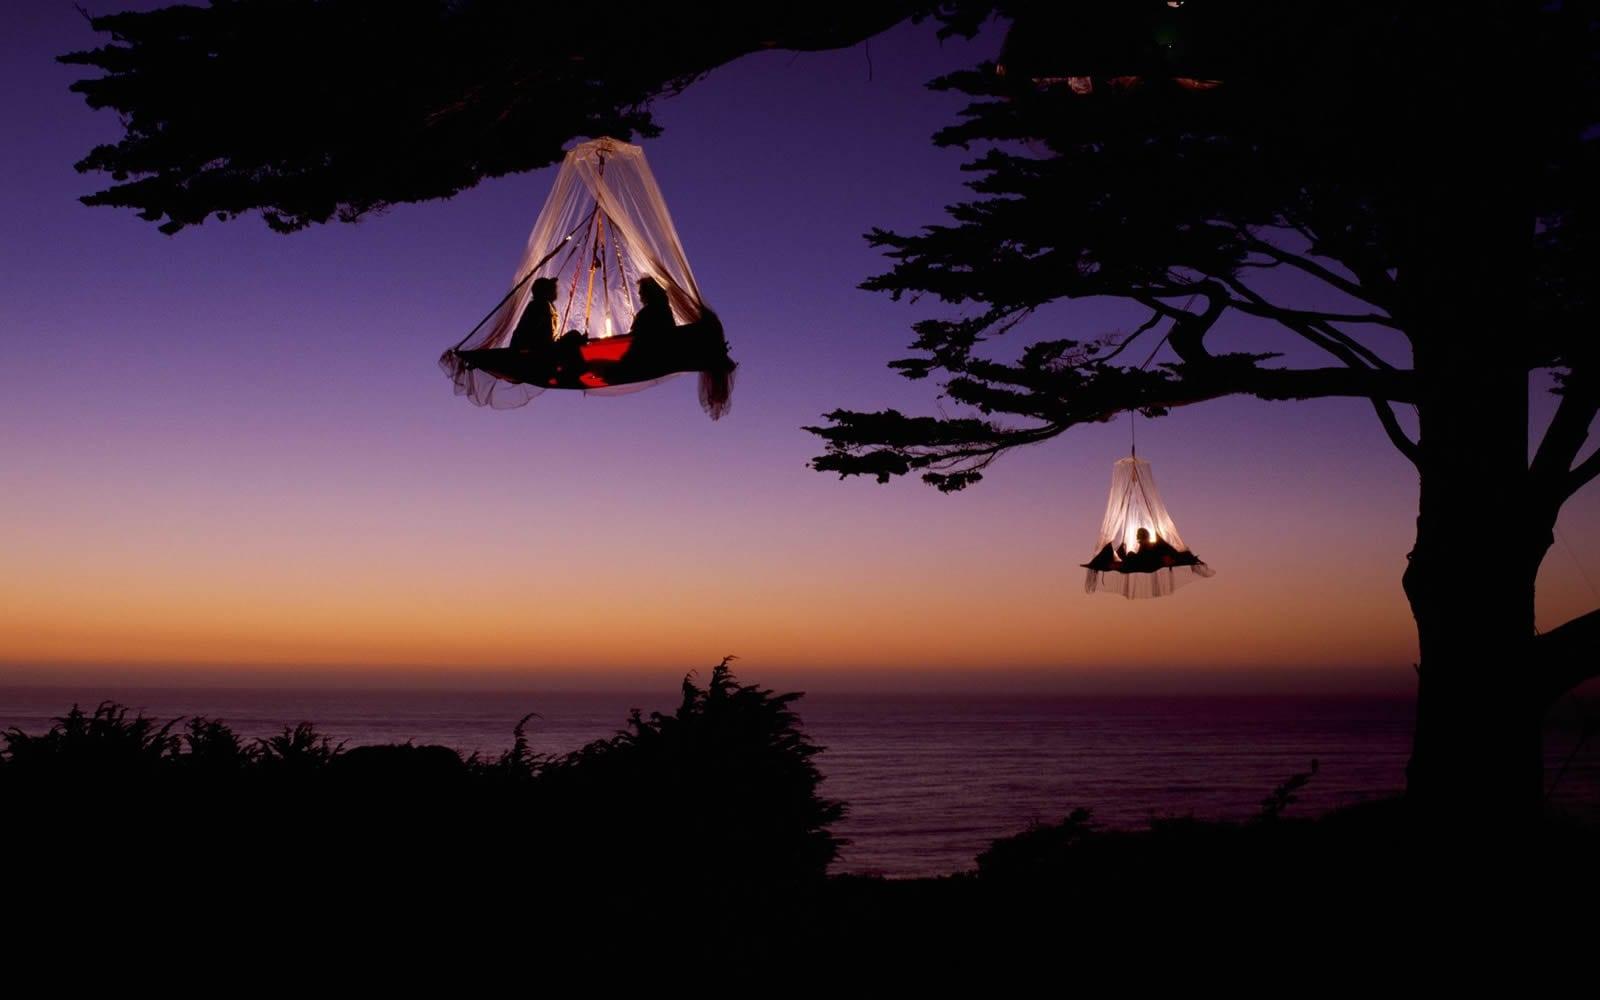 Le Tree camping, un dodo entre les arbres et les étoiles dans la forêt géorgienne